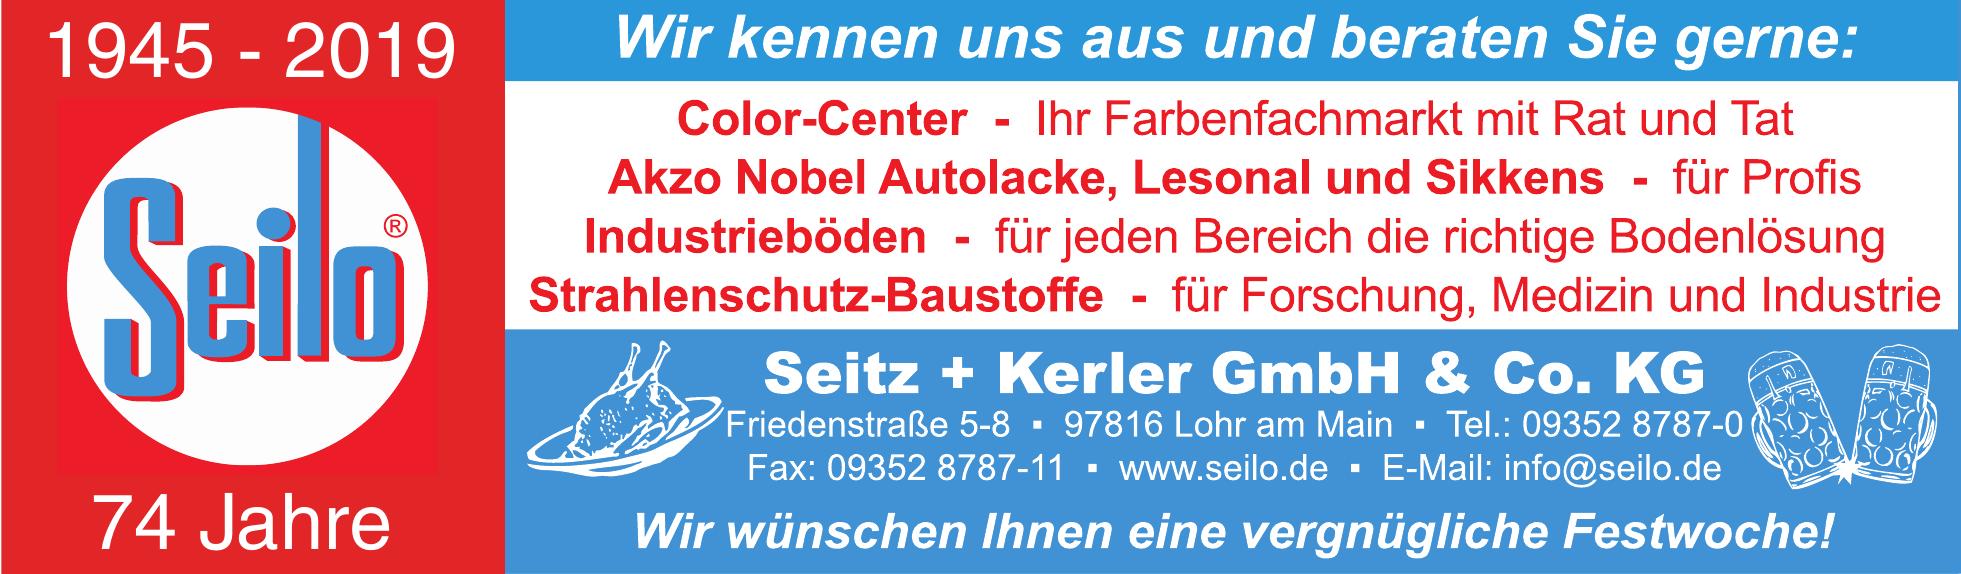 Seilo Seit + Kerler GmbH & Co. KG